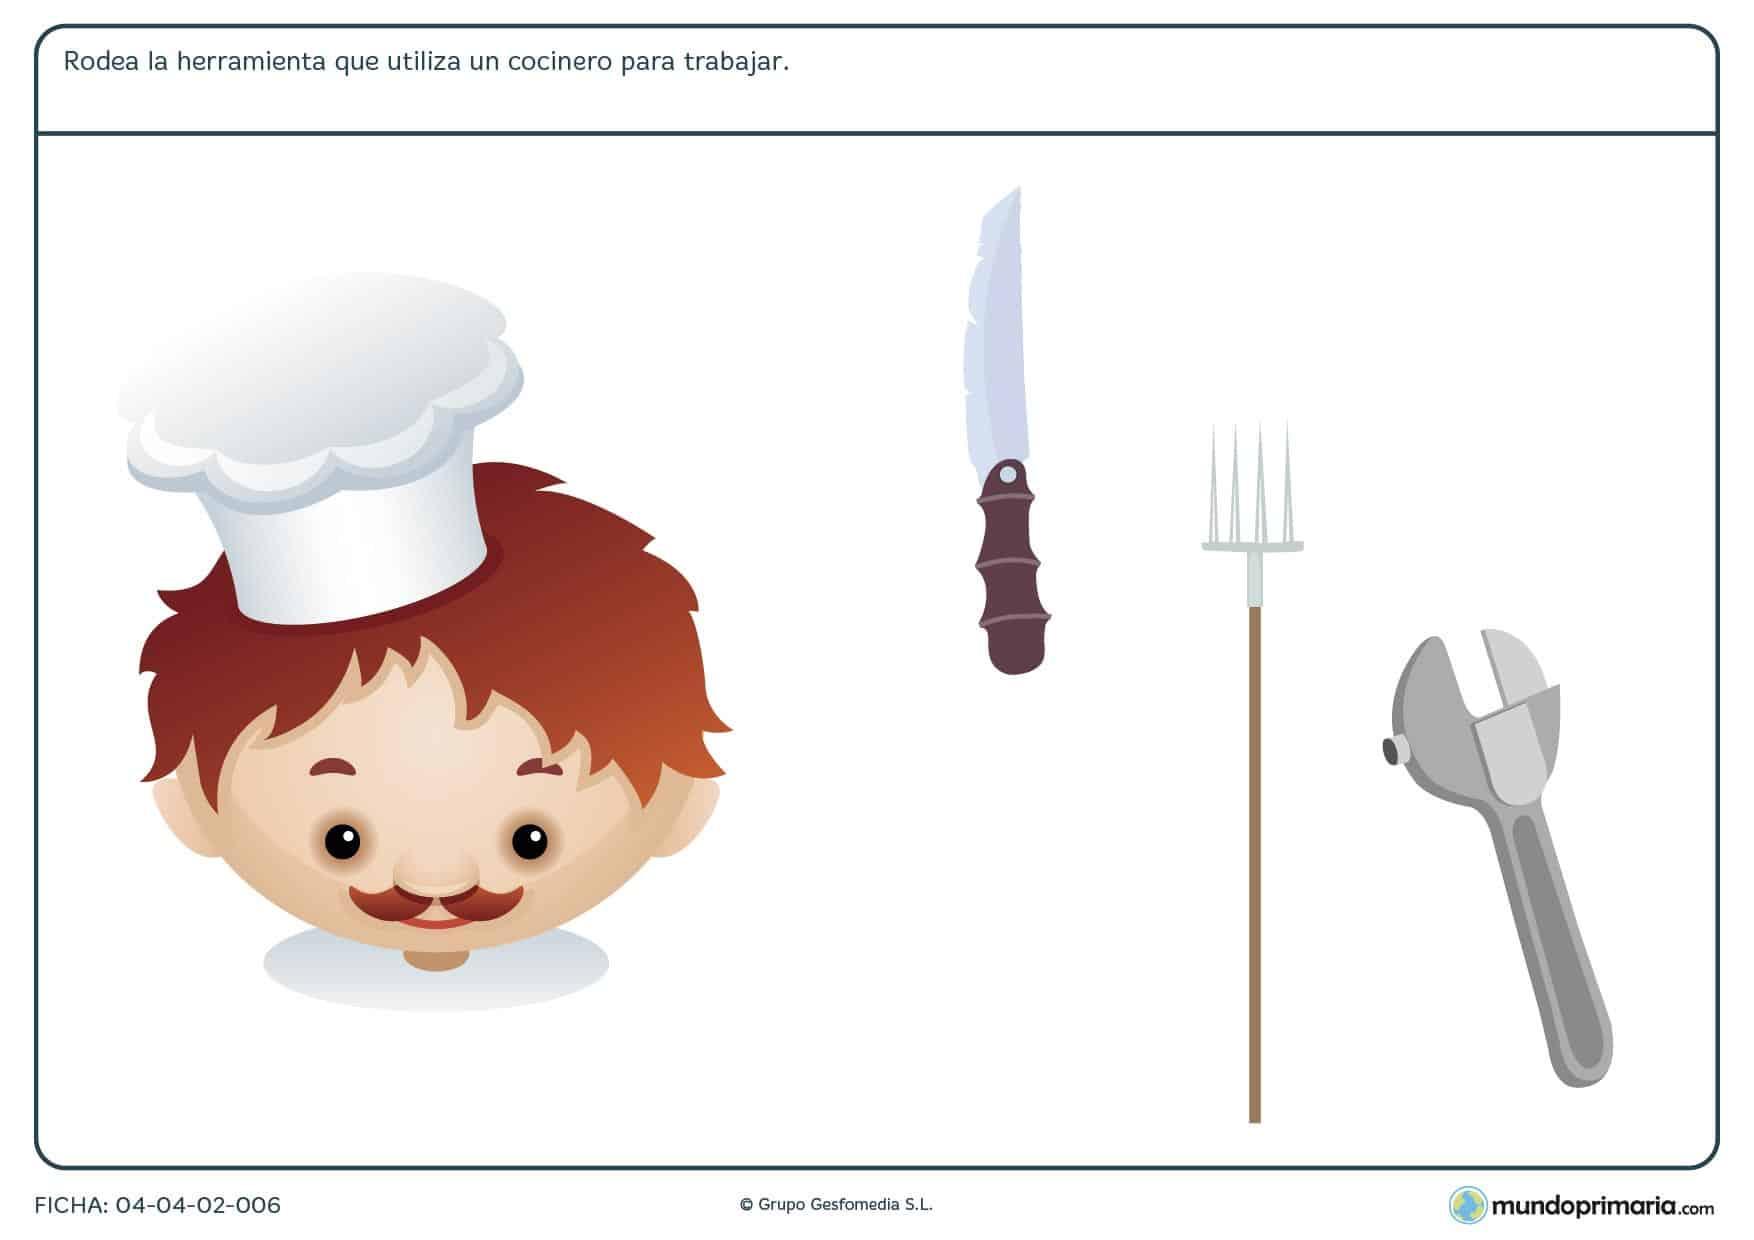 Ficha de herramientas del cocinero en el que hay que rodear cúal de las herramientas proporcionadas utiliza el cocinero para trabajar.